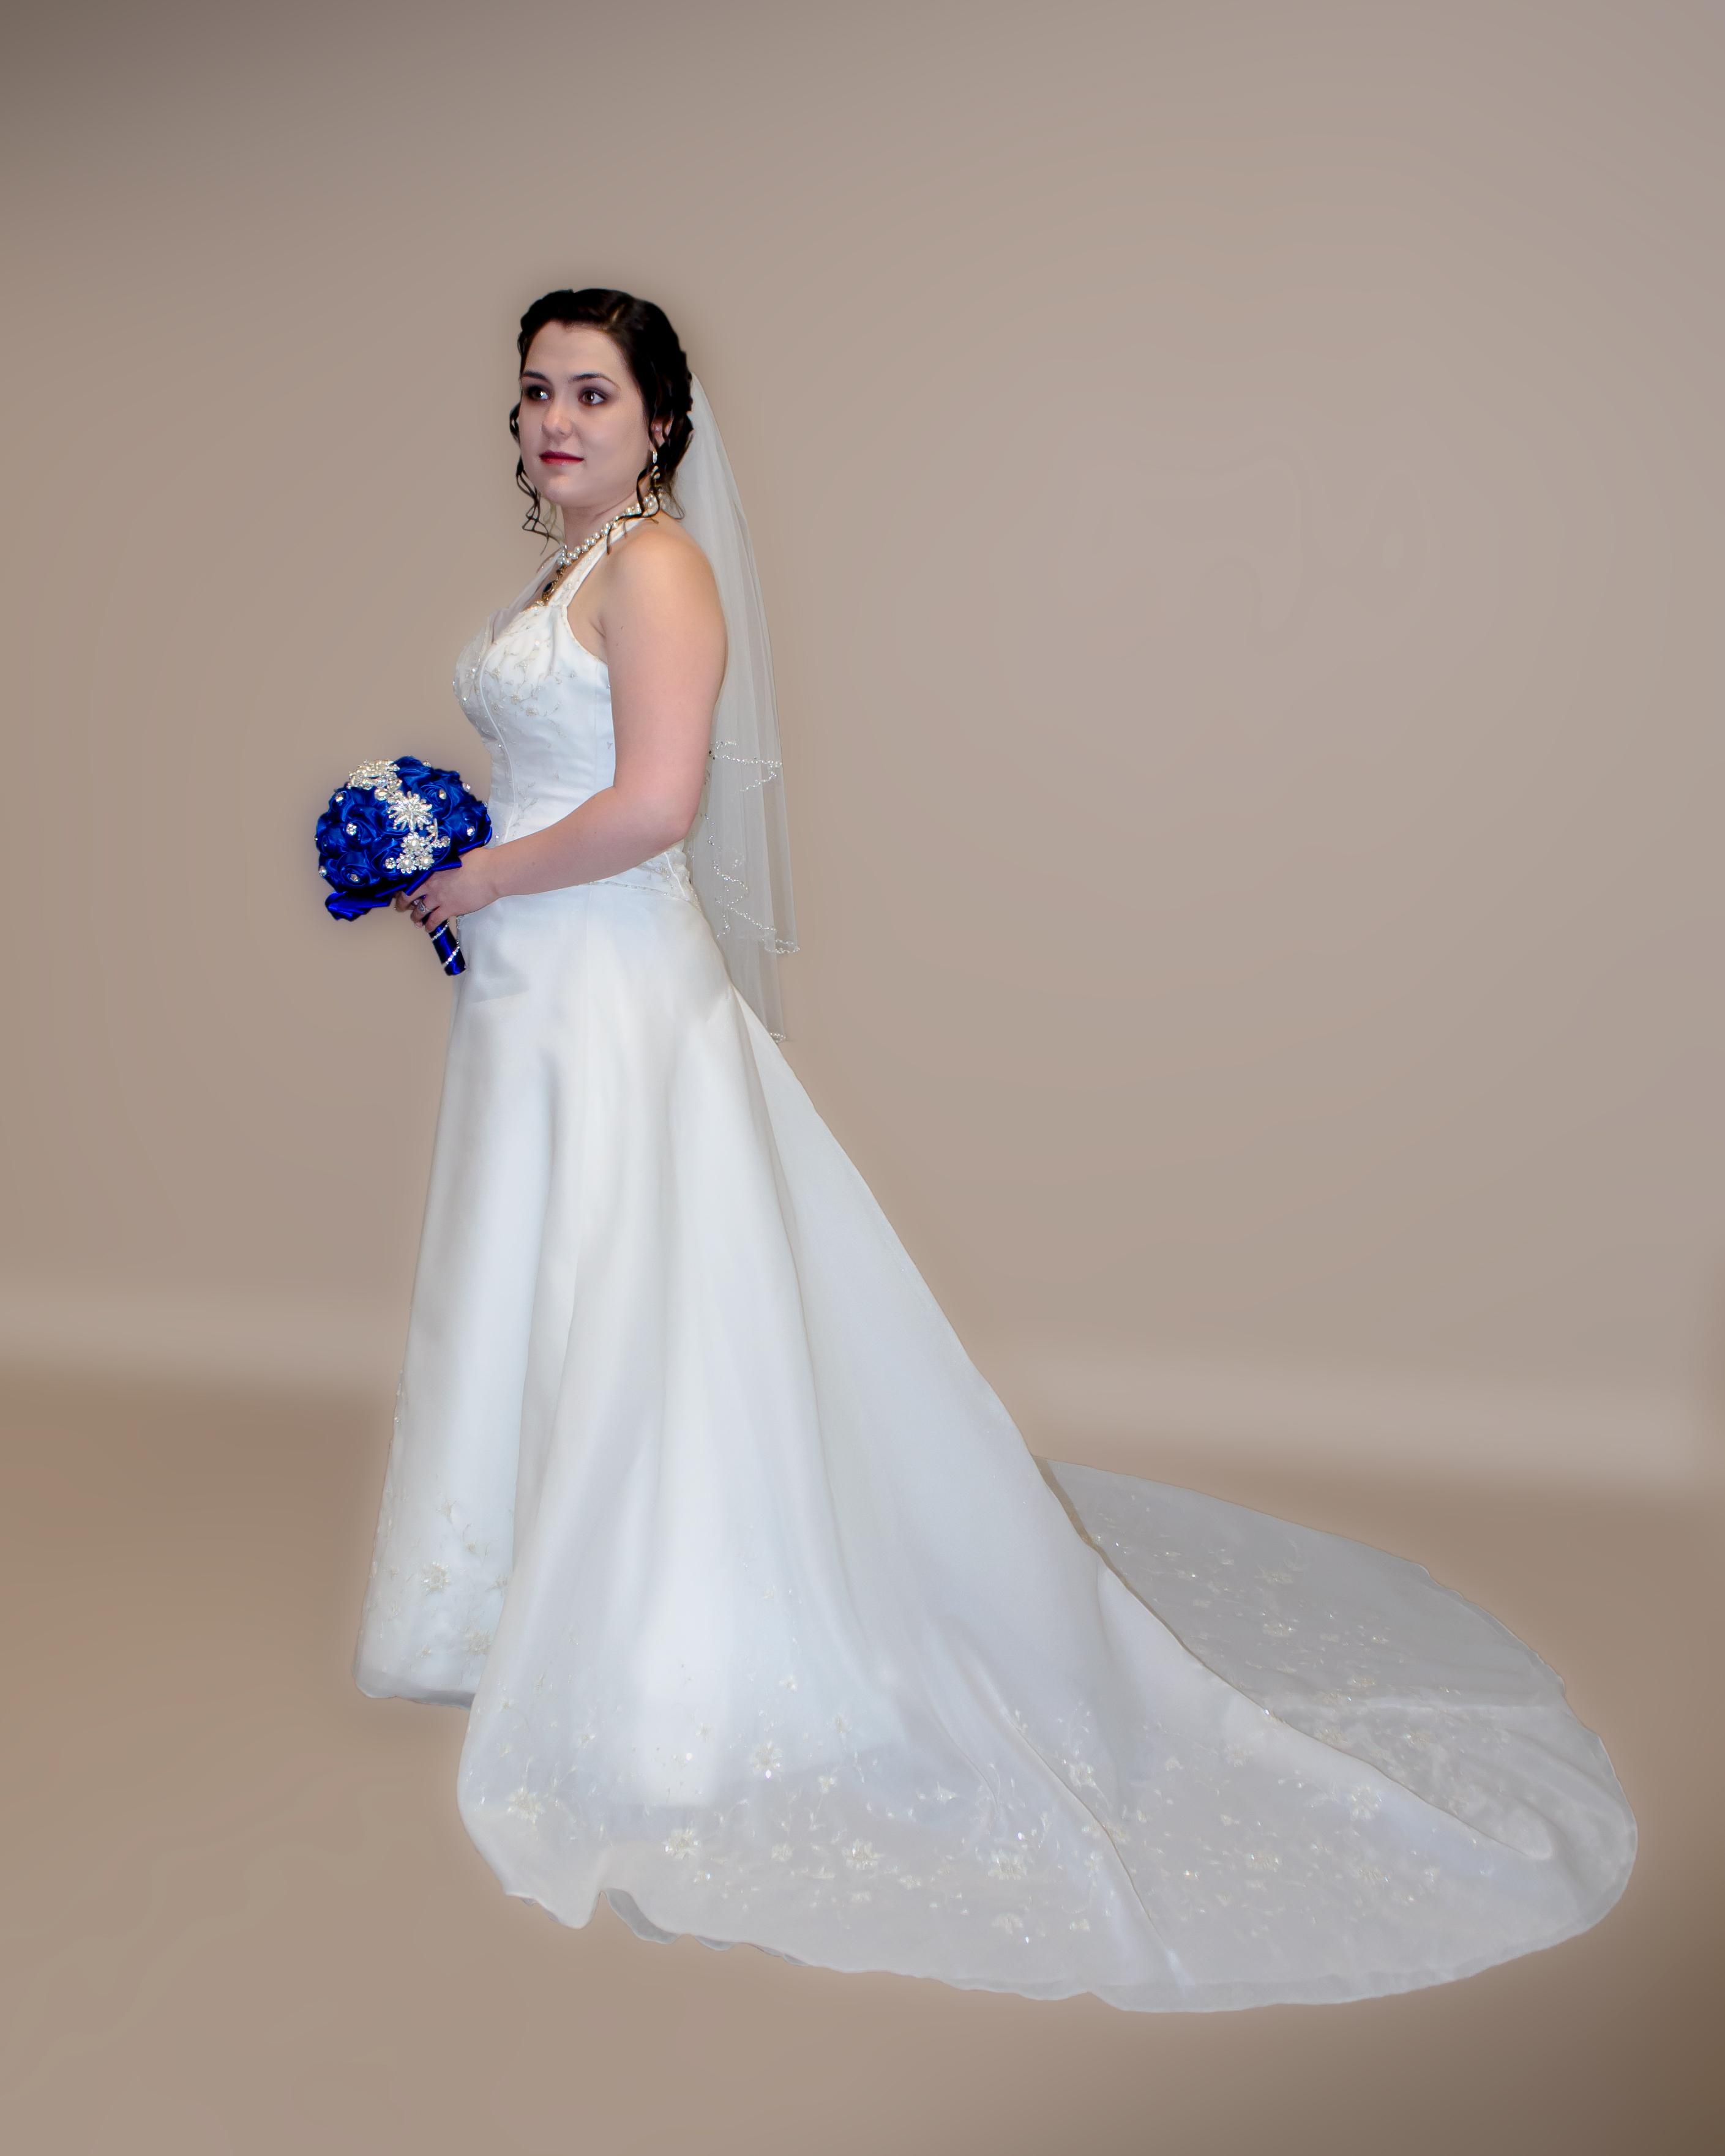 Bride prior to wedding